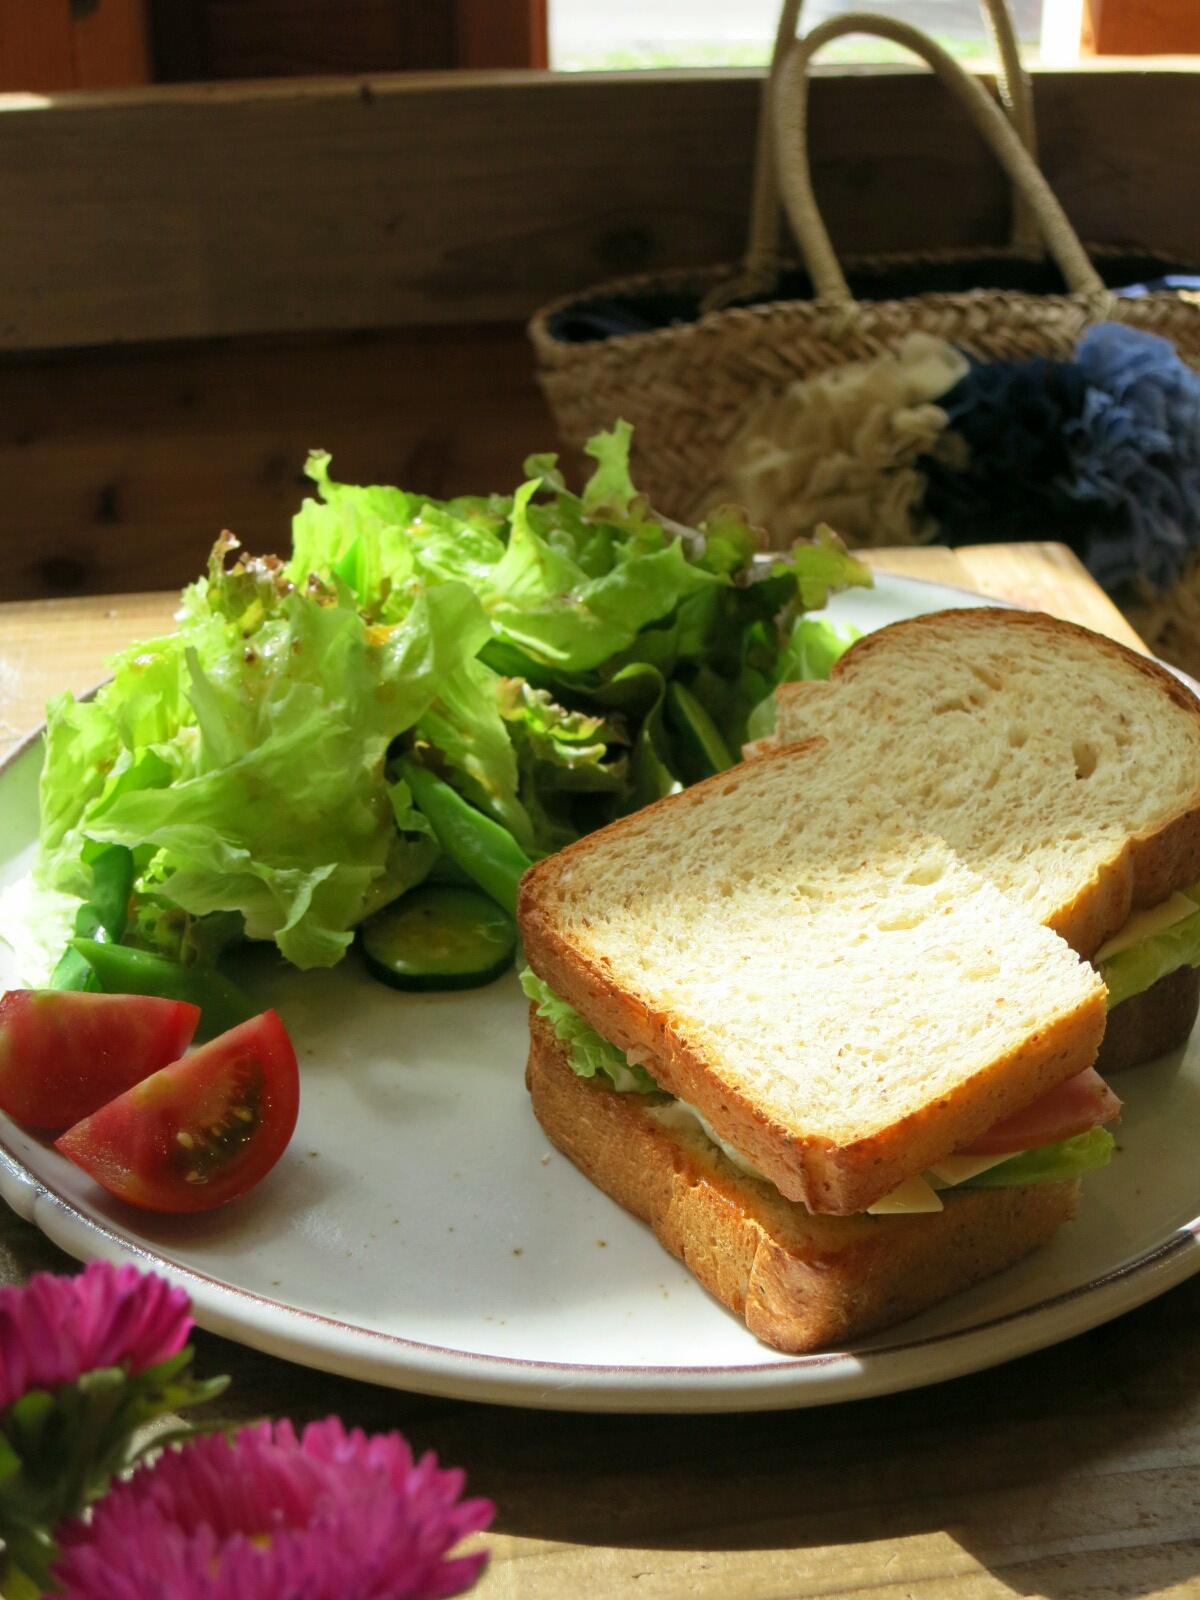 お野菜たっぷり☆六花のサンドイッチ&フレンチトースト@北軽<閉店>_f0236260_14312481.jpg